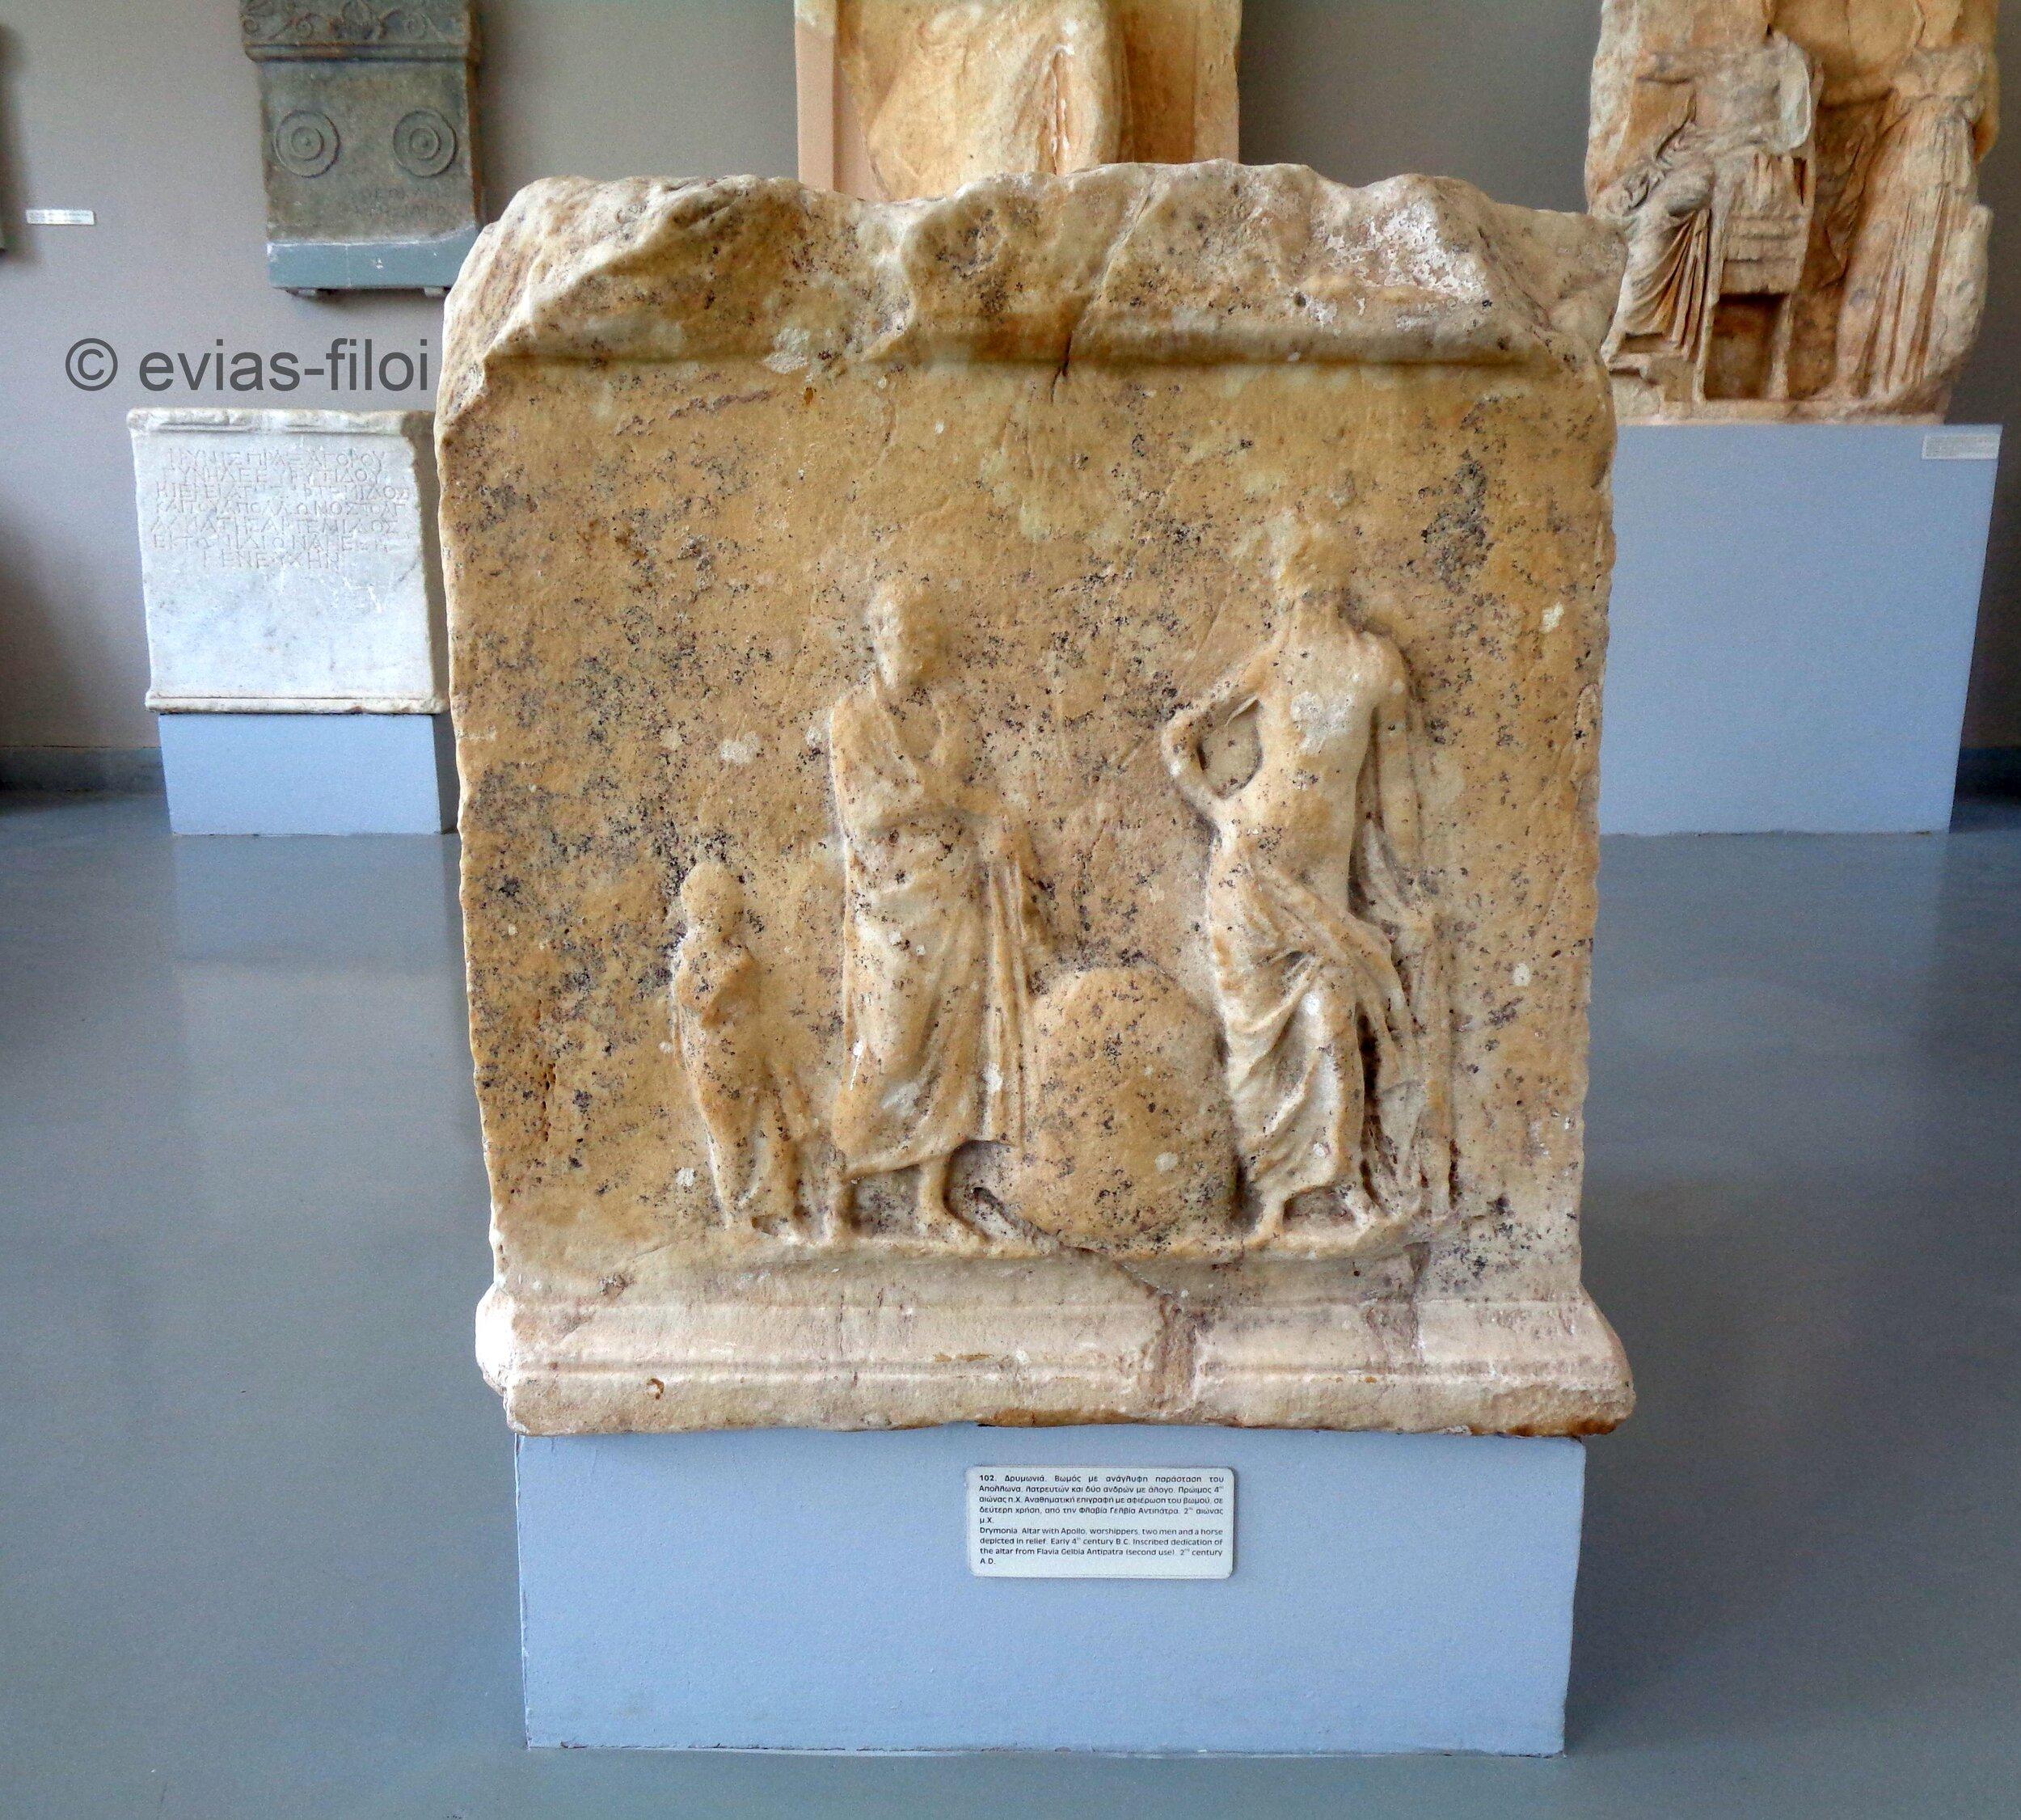 Ανάγλυφη παράσταση του Απόλλωνα σε βωμό (4ος αι. π.Χ.)